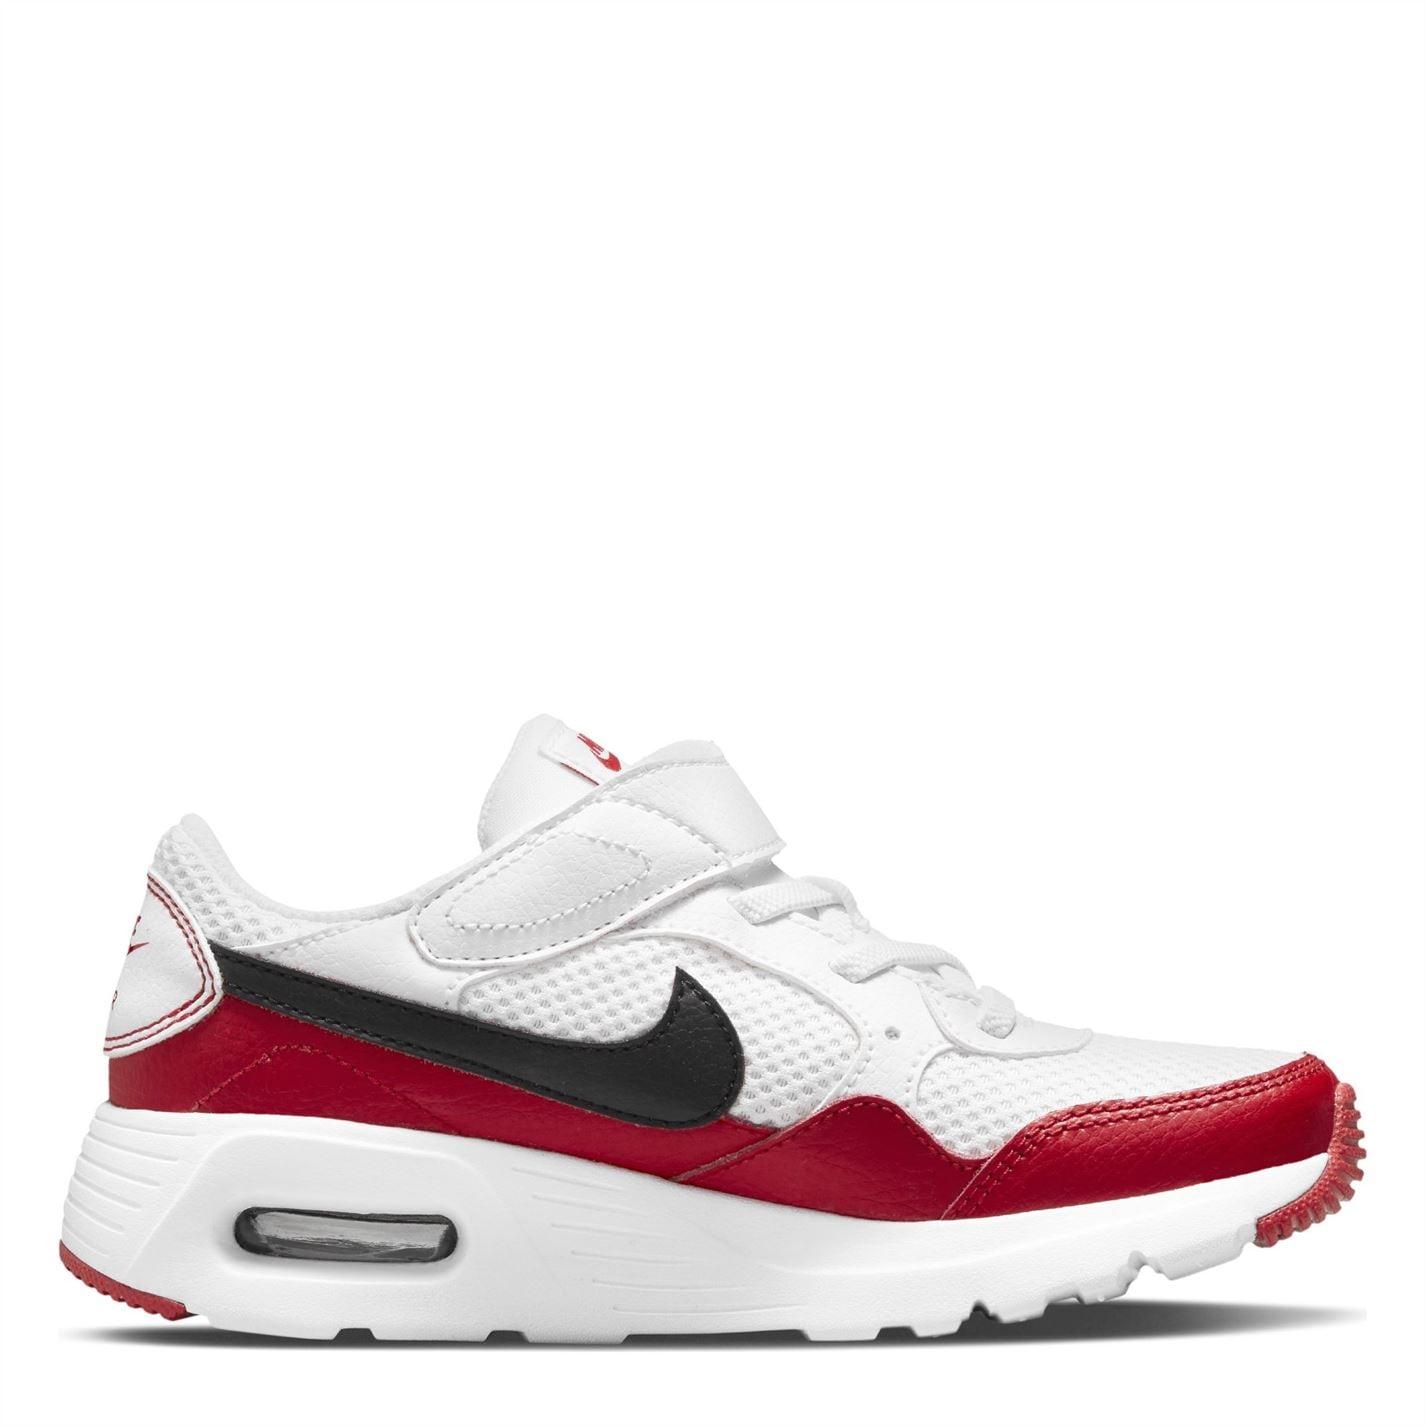 Nike Air Max SC Little Shoe pentru Copii alb negru rosu